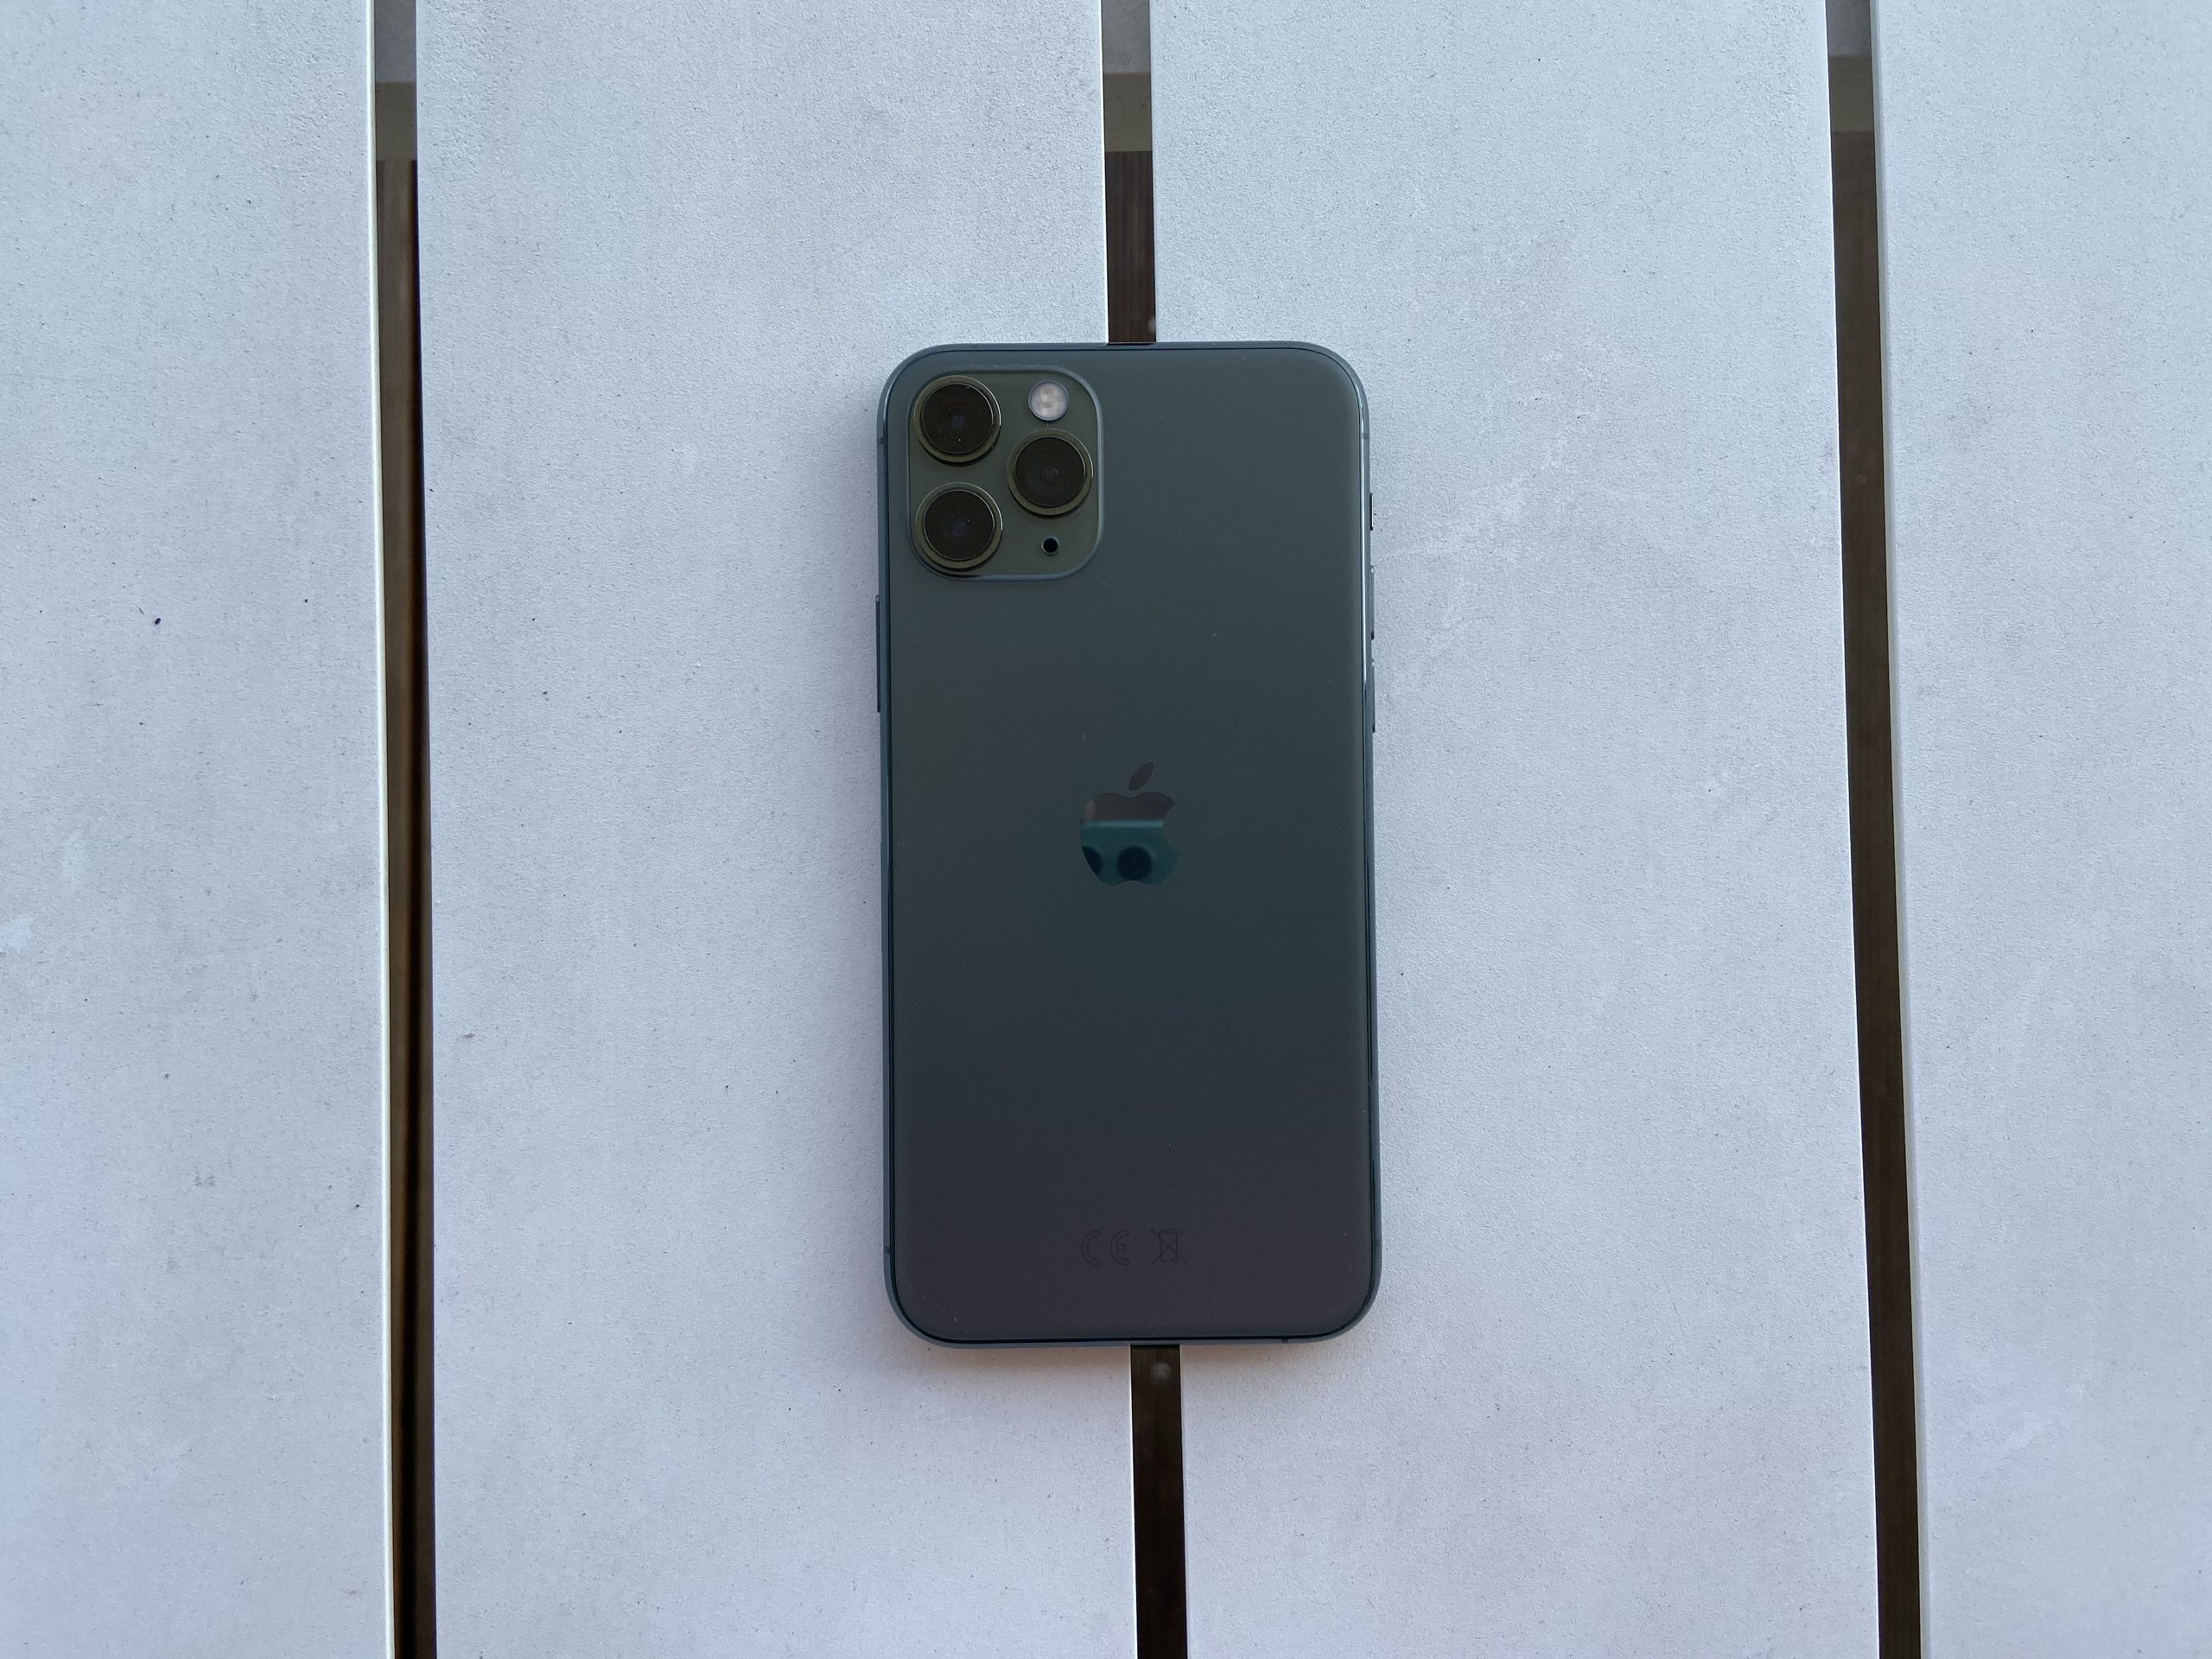 iPhone 13 může nabídnout čtyři fotoaparáty